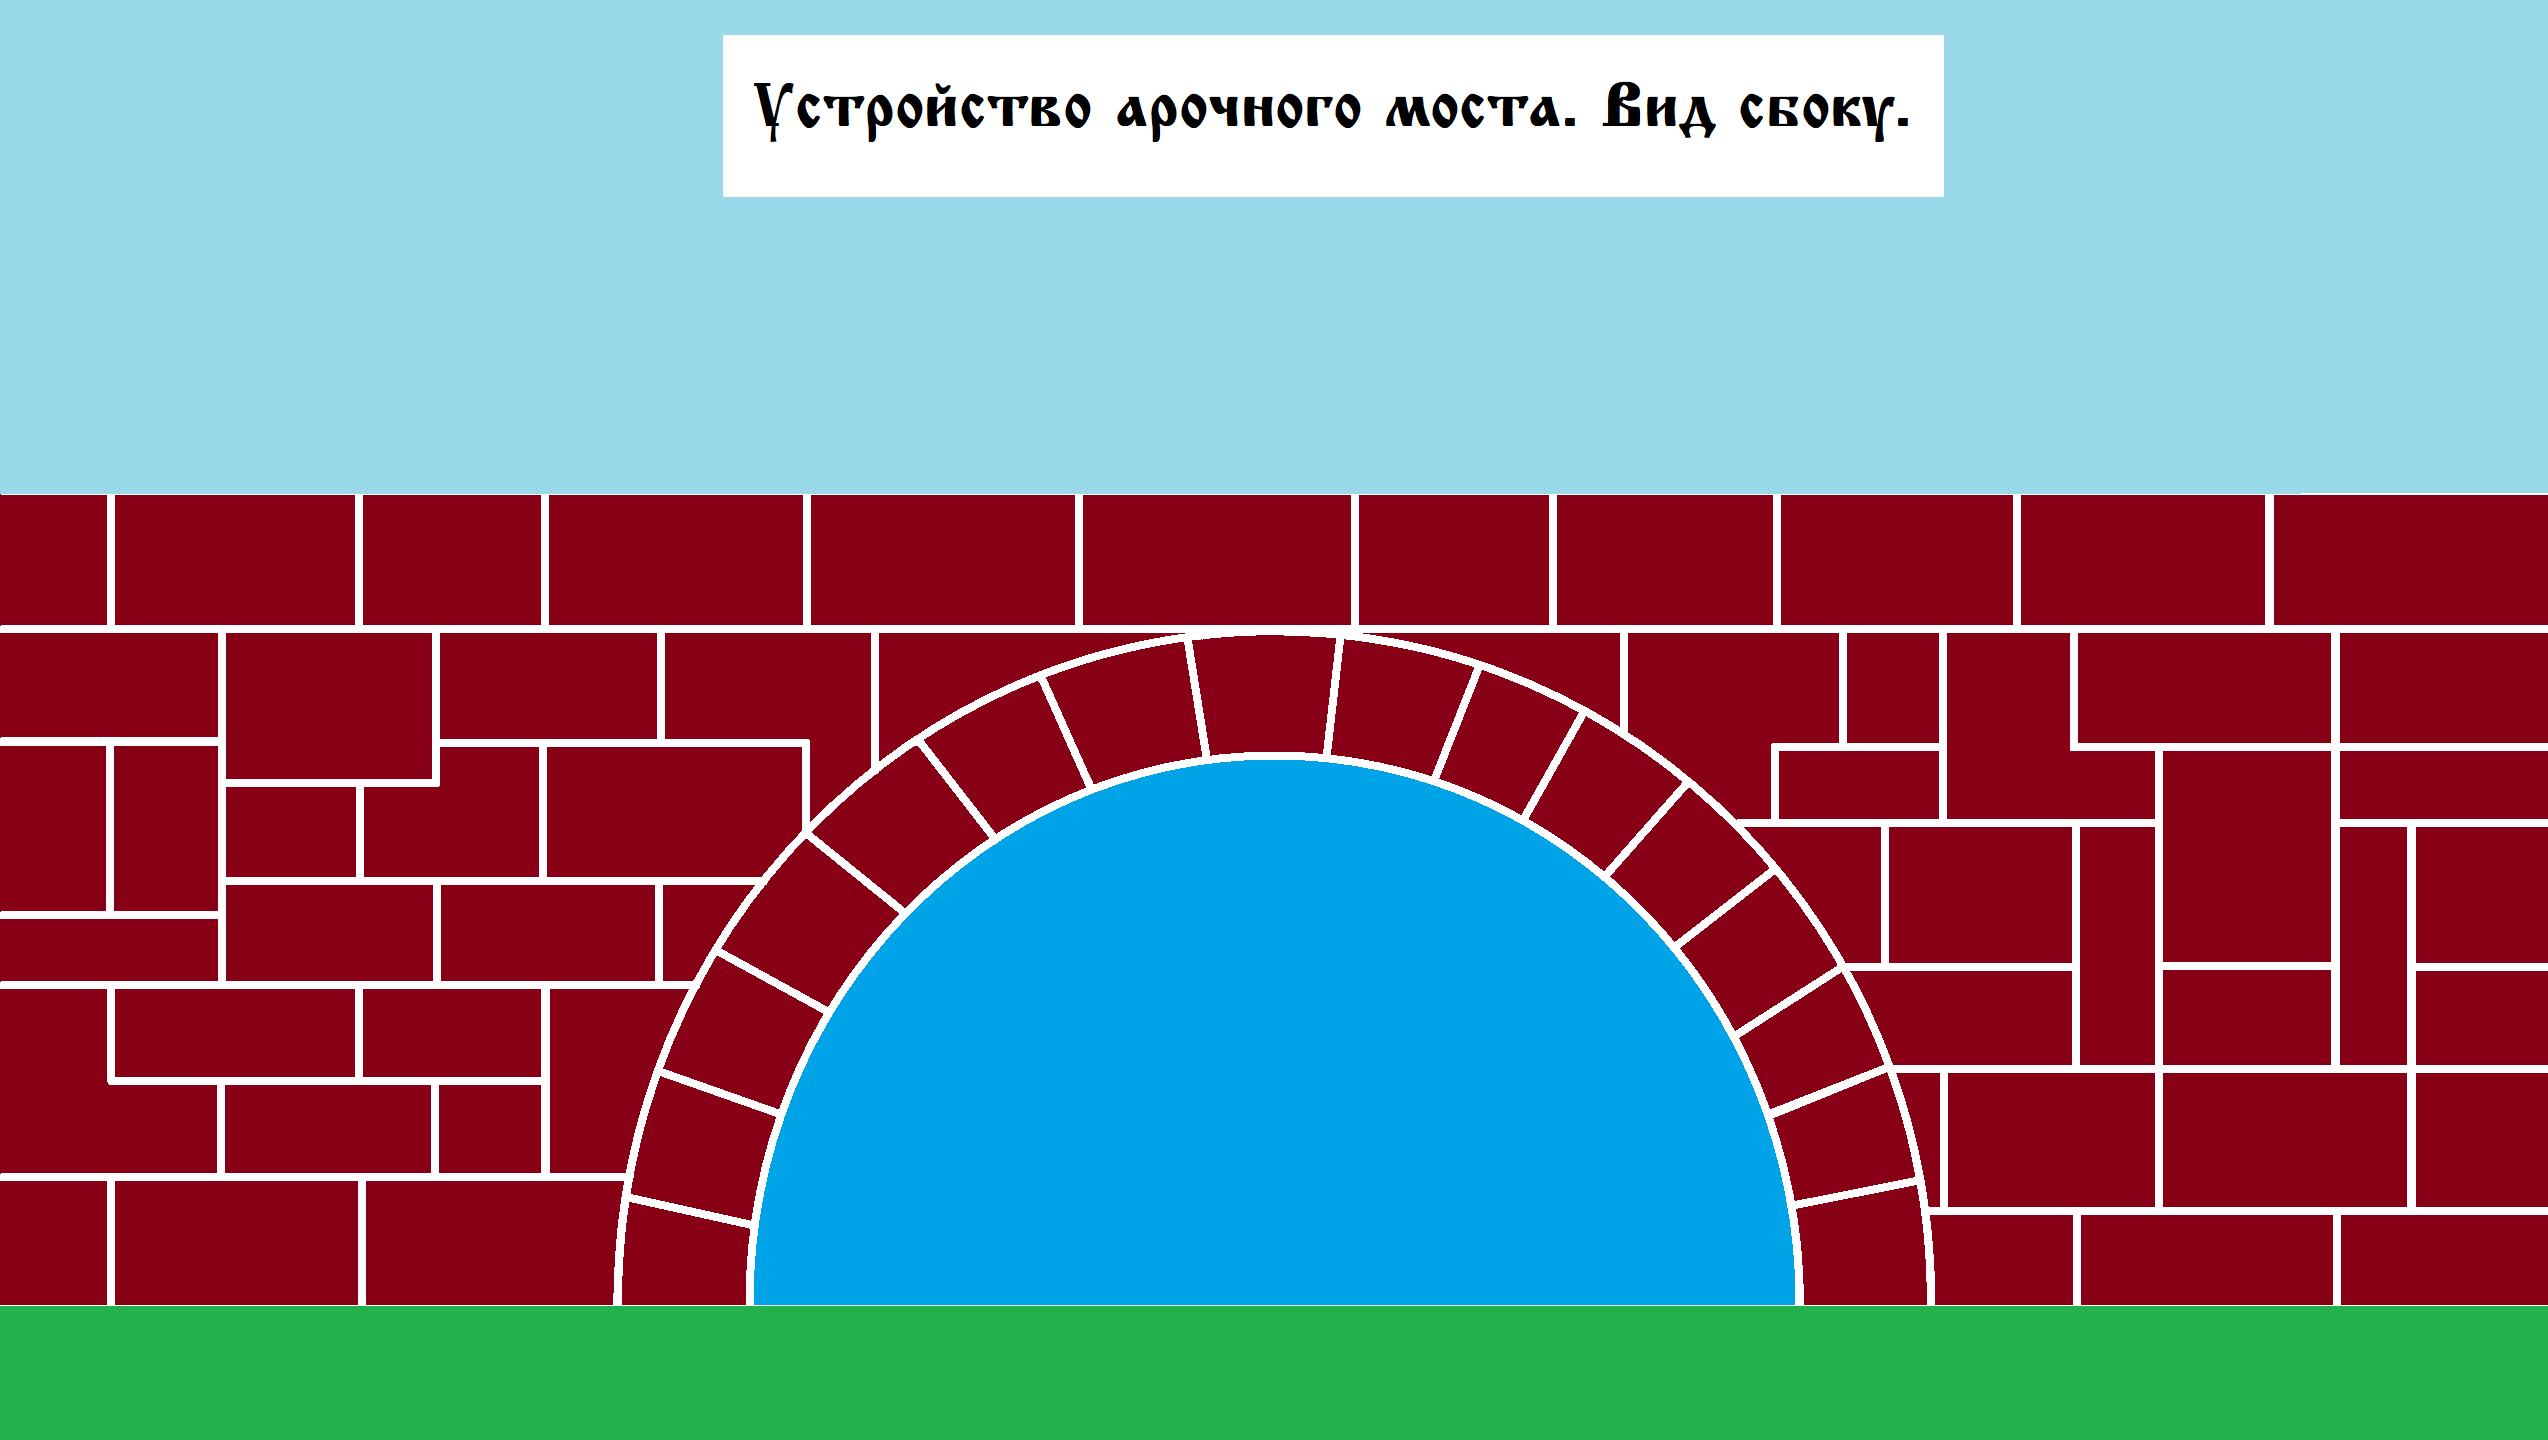 Устройство арочного моста. Вид сбоку